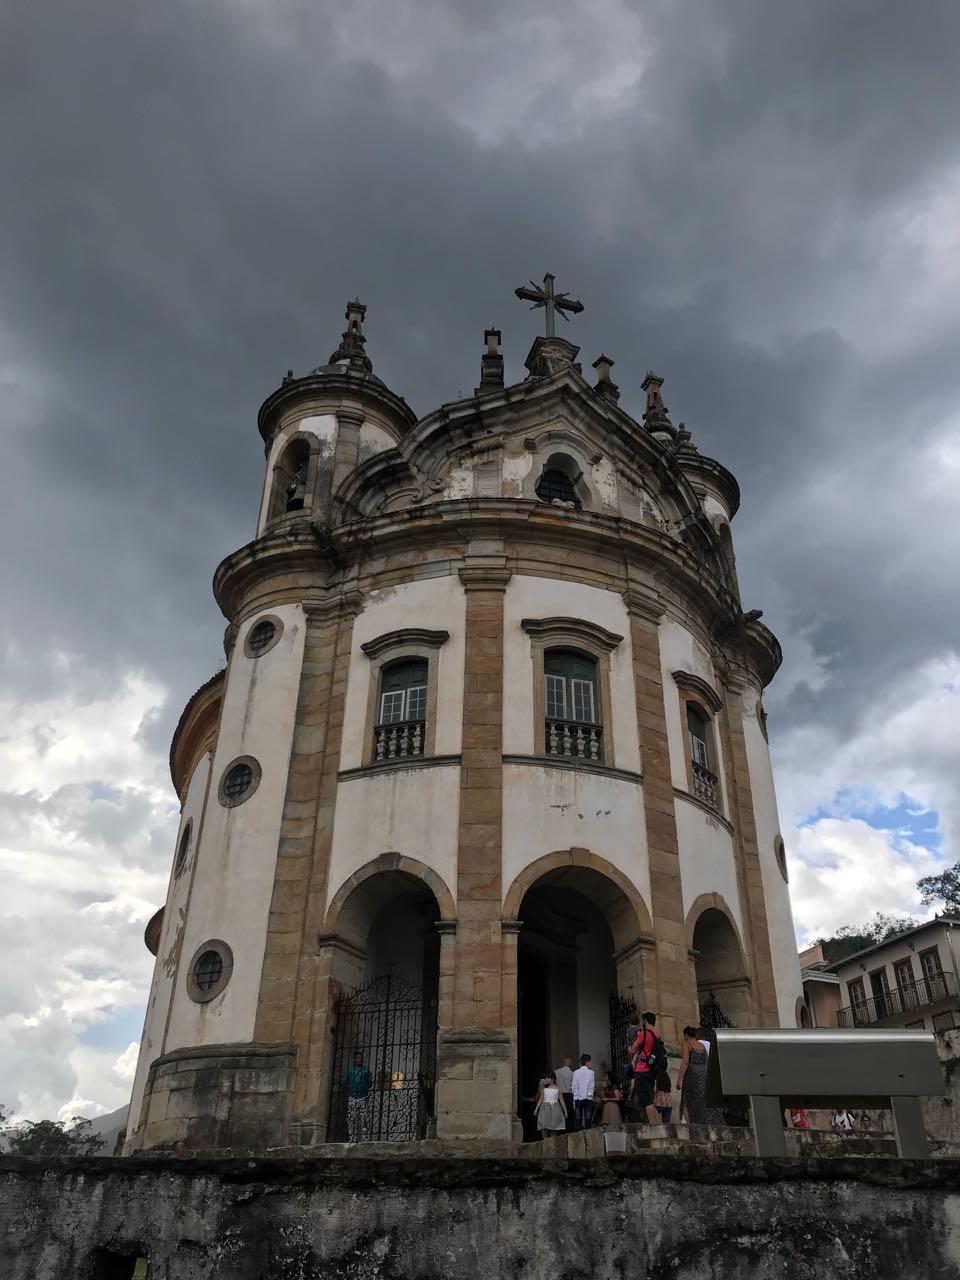 Igreja Barroca em Ouro Preto, feita por Aleijadinho